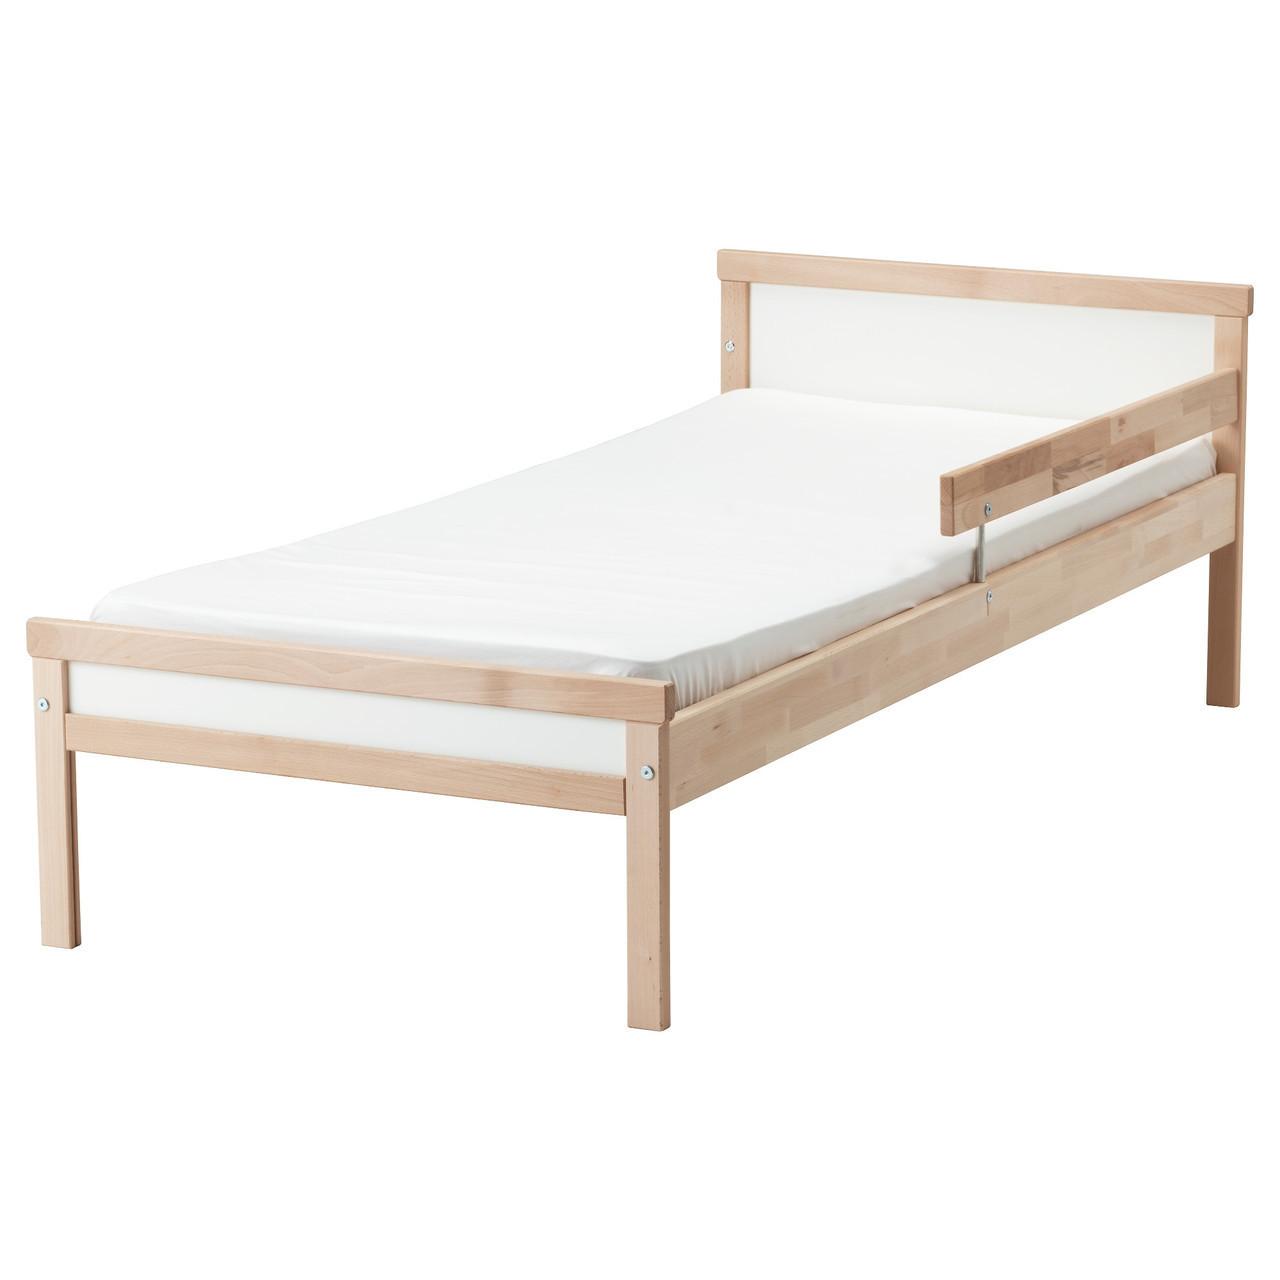 Каркас детской кровати IKEA SNIGLAR с дном из реек бук 191.854.33